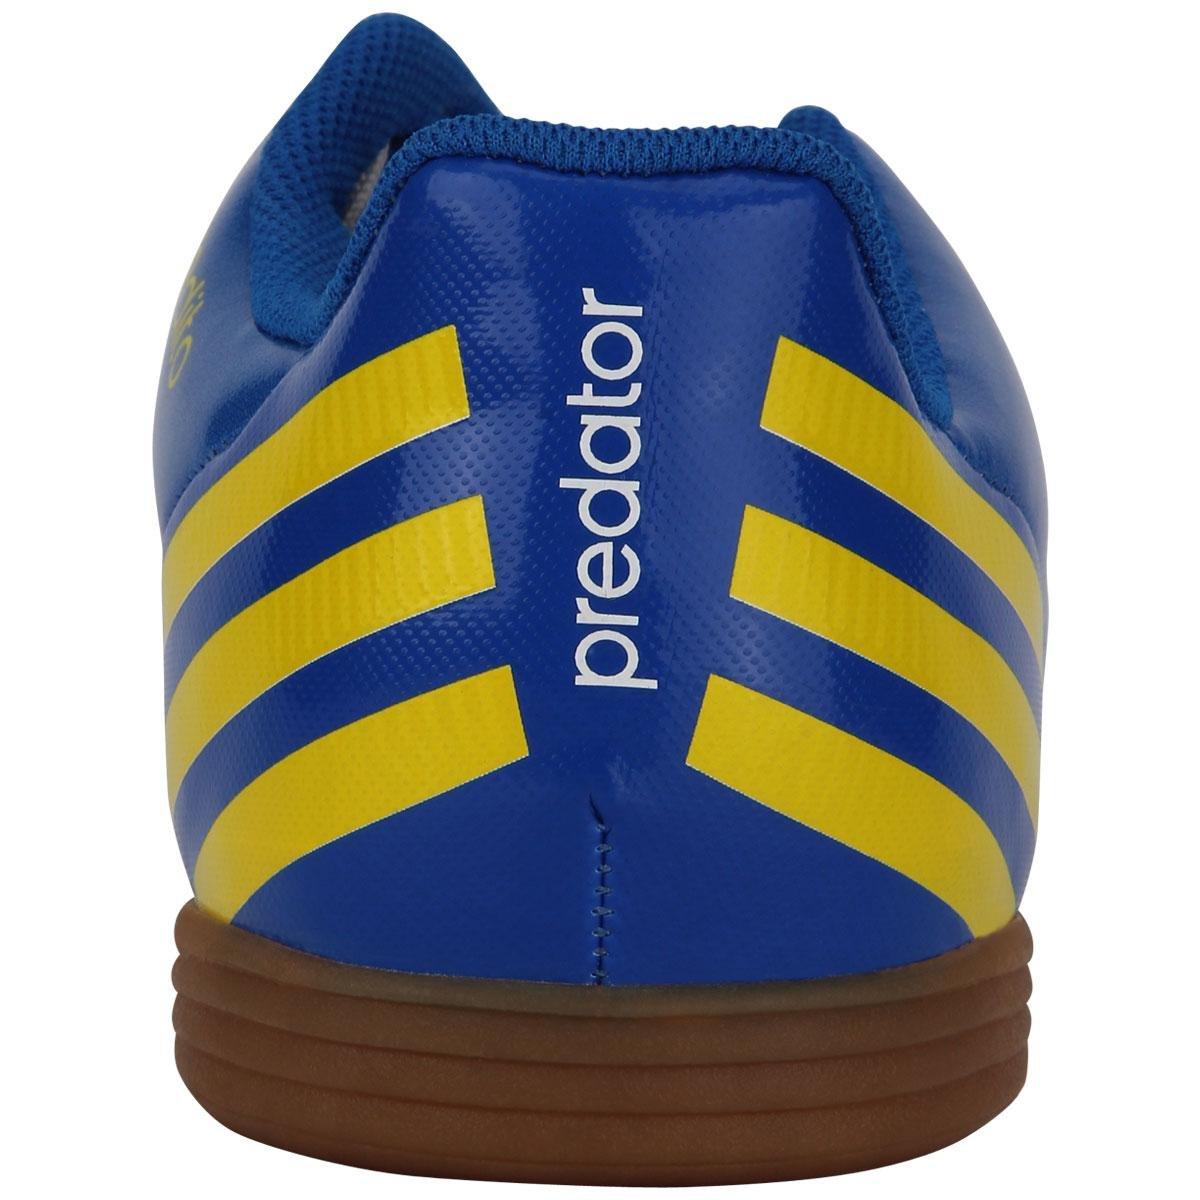 a392f172d7 Chuteira Adidas Predito LZ IN Infantil - Compre Agora